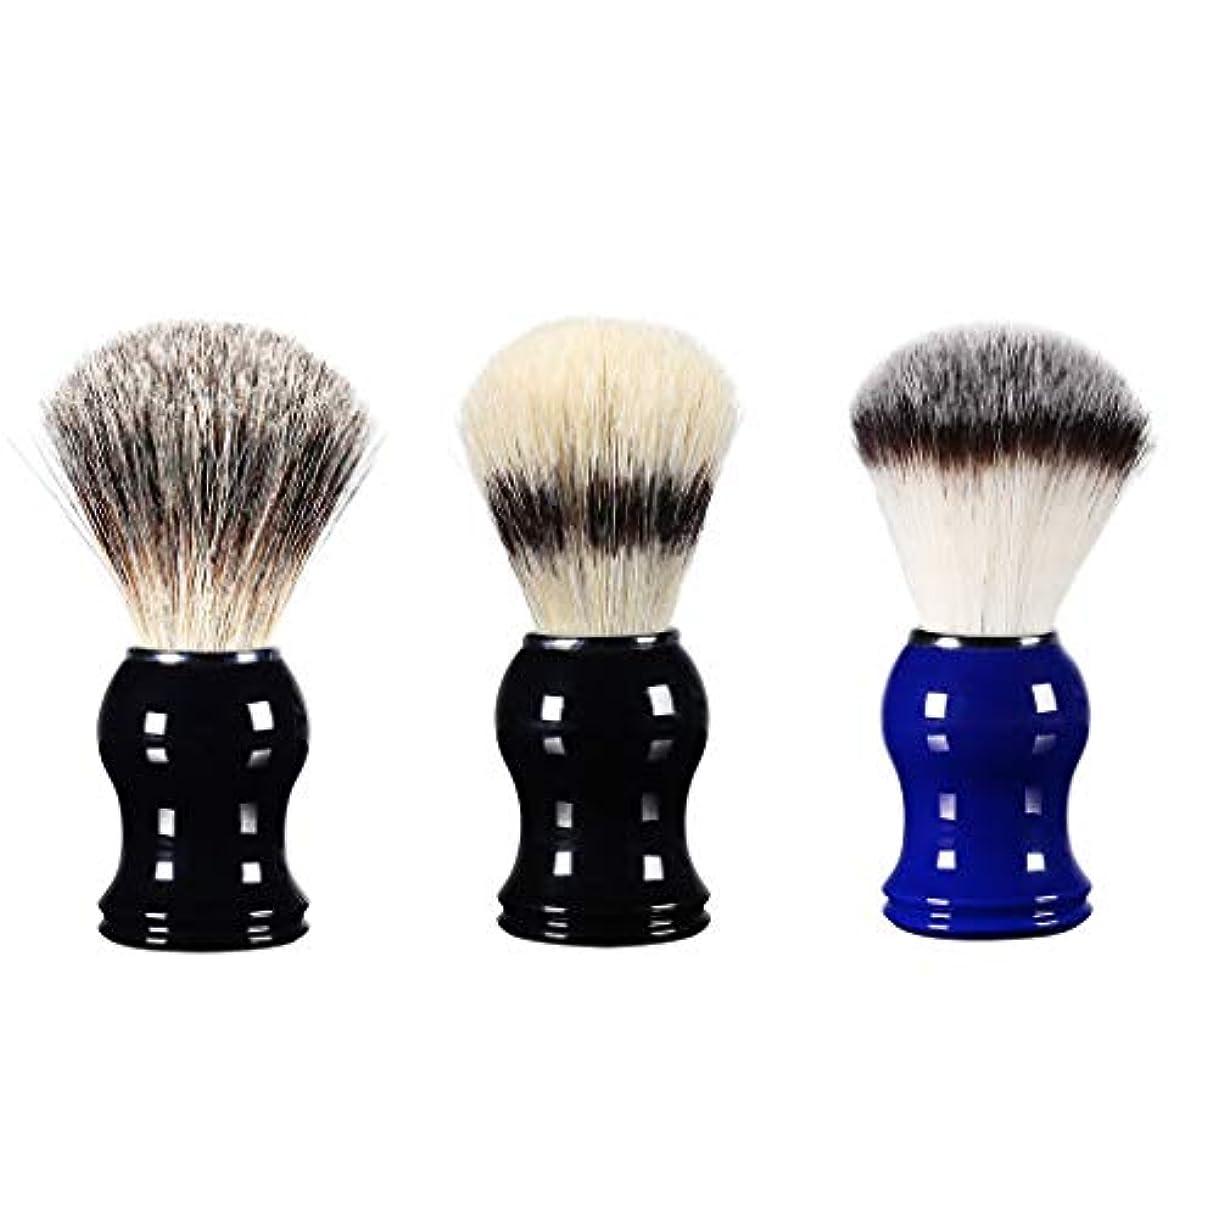 愛する四面体初期のP Prettyia シェービング用ブラシ メンズ 理容 洗顔 髭剃り 泡立ち 3個入